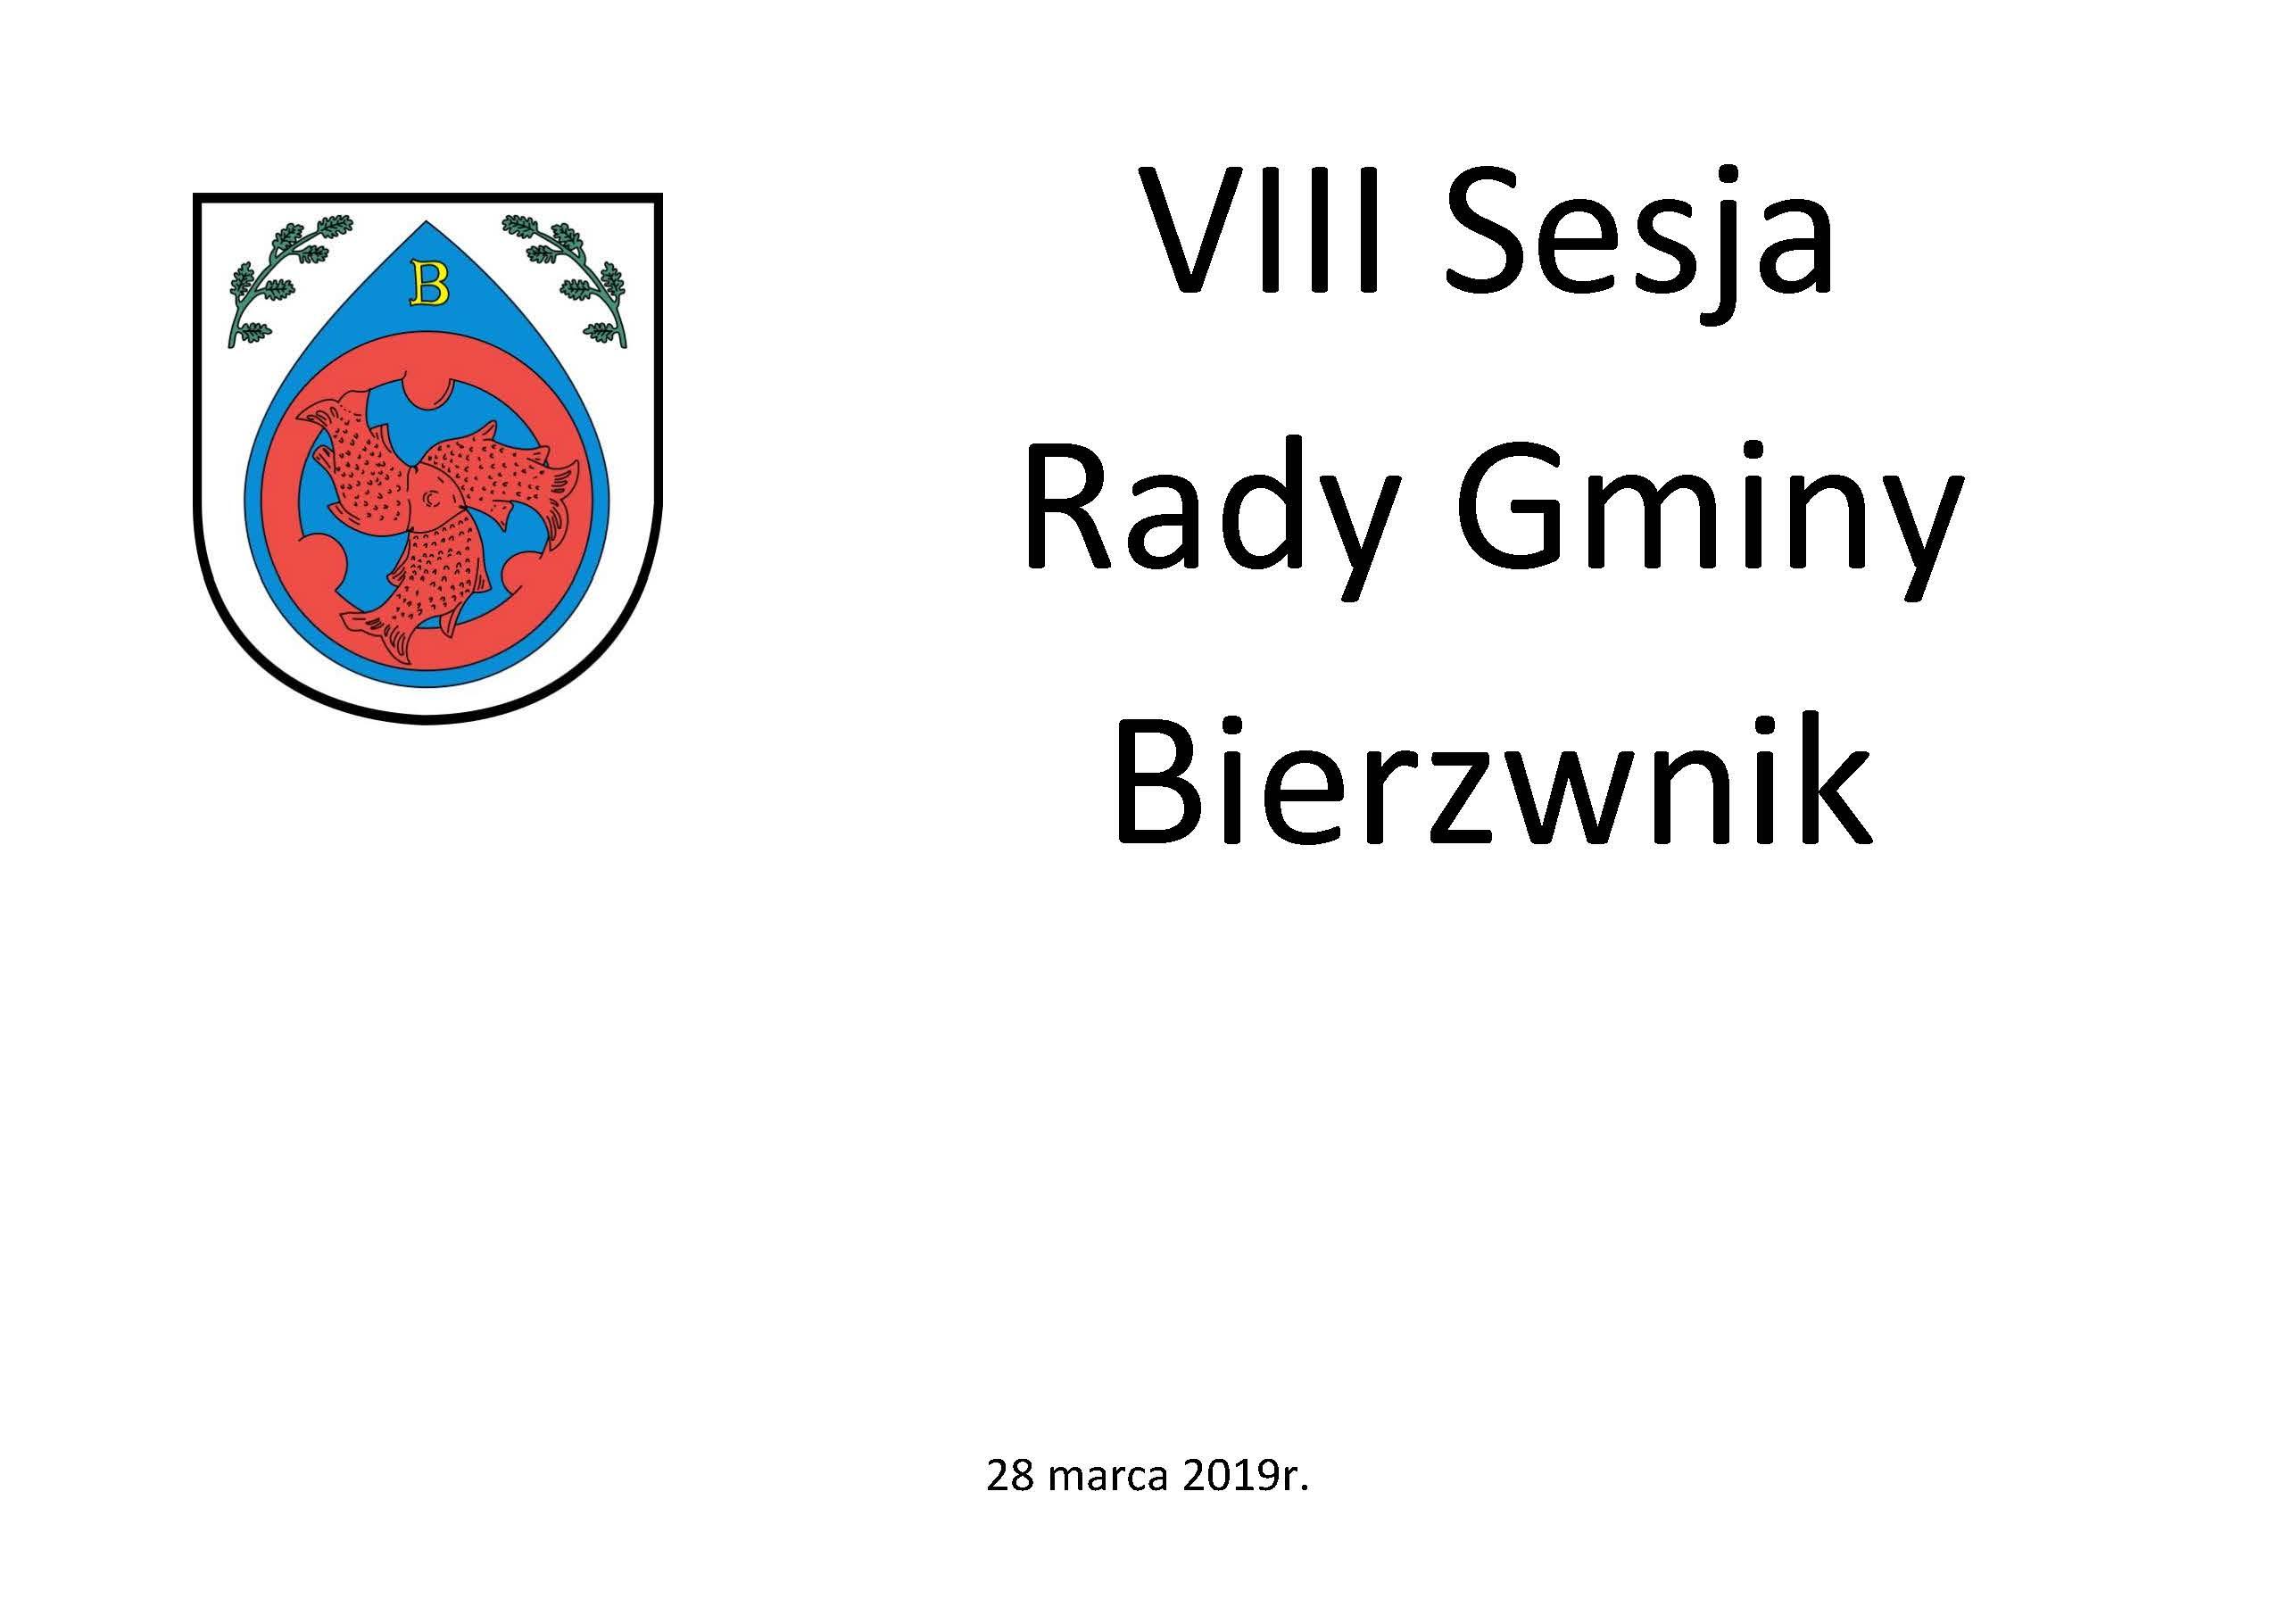 bierzwnik/VIII_sesja_graficzny.jpg